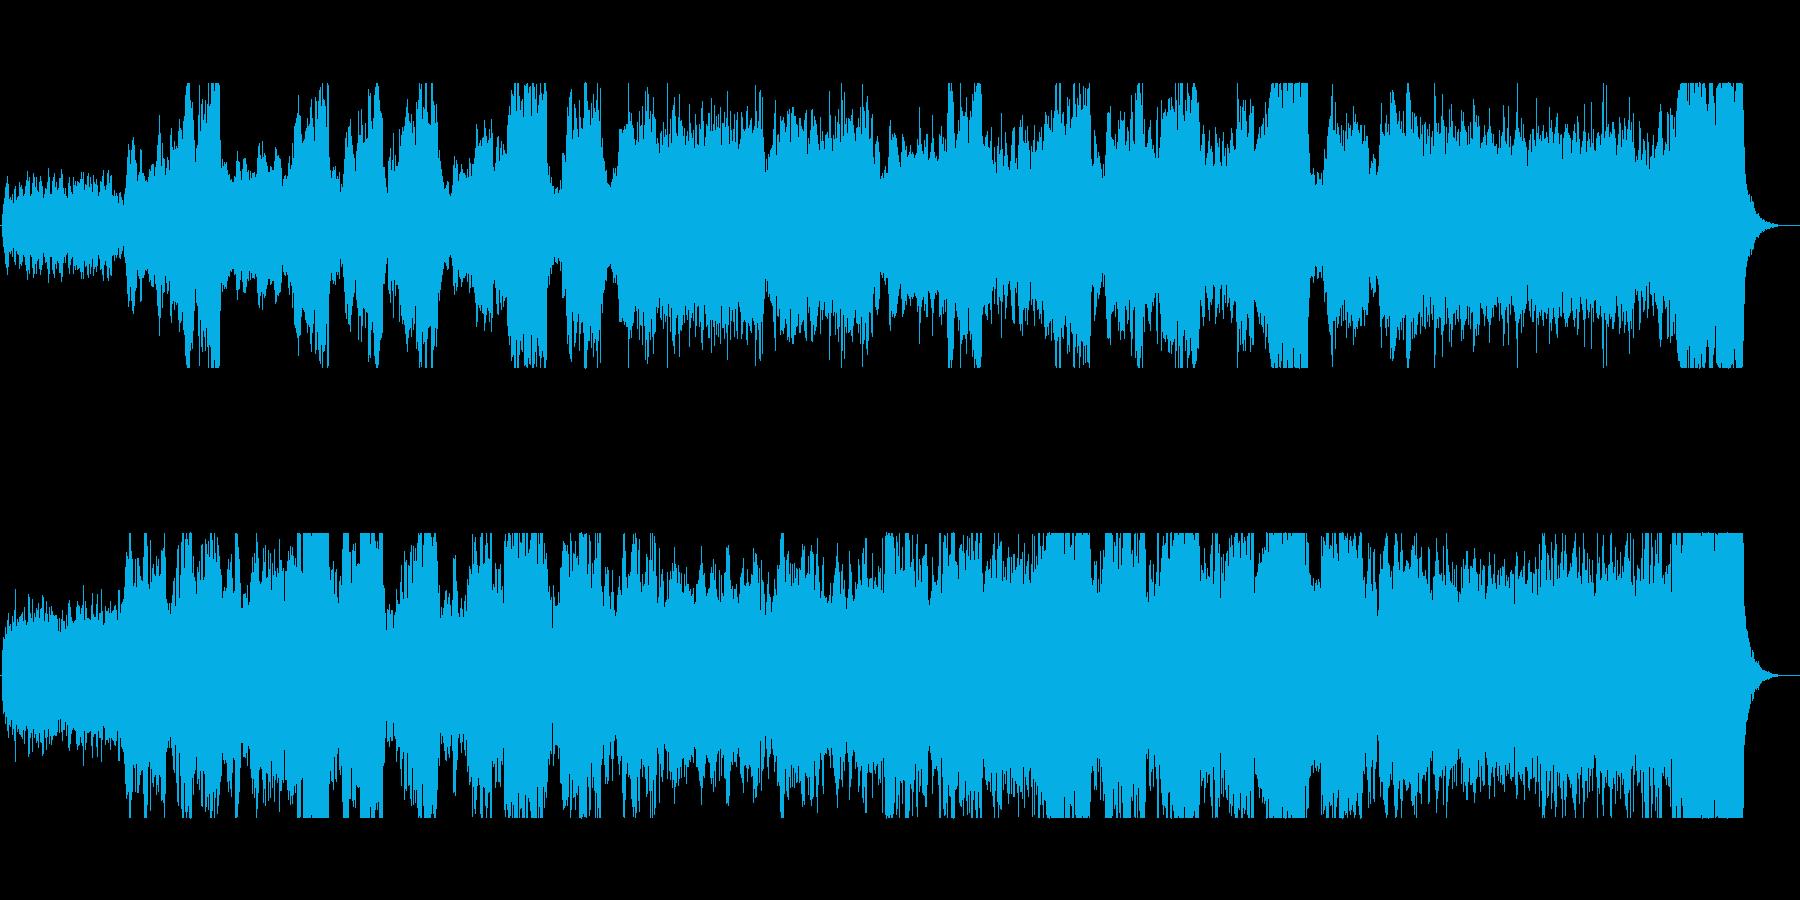 暗黒の魔城 ダーク、ホラー向けBGMの再生済みの波形